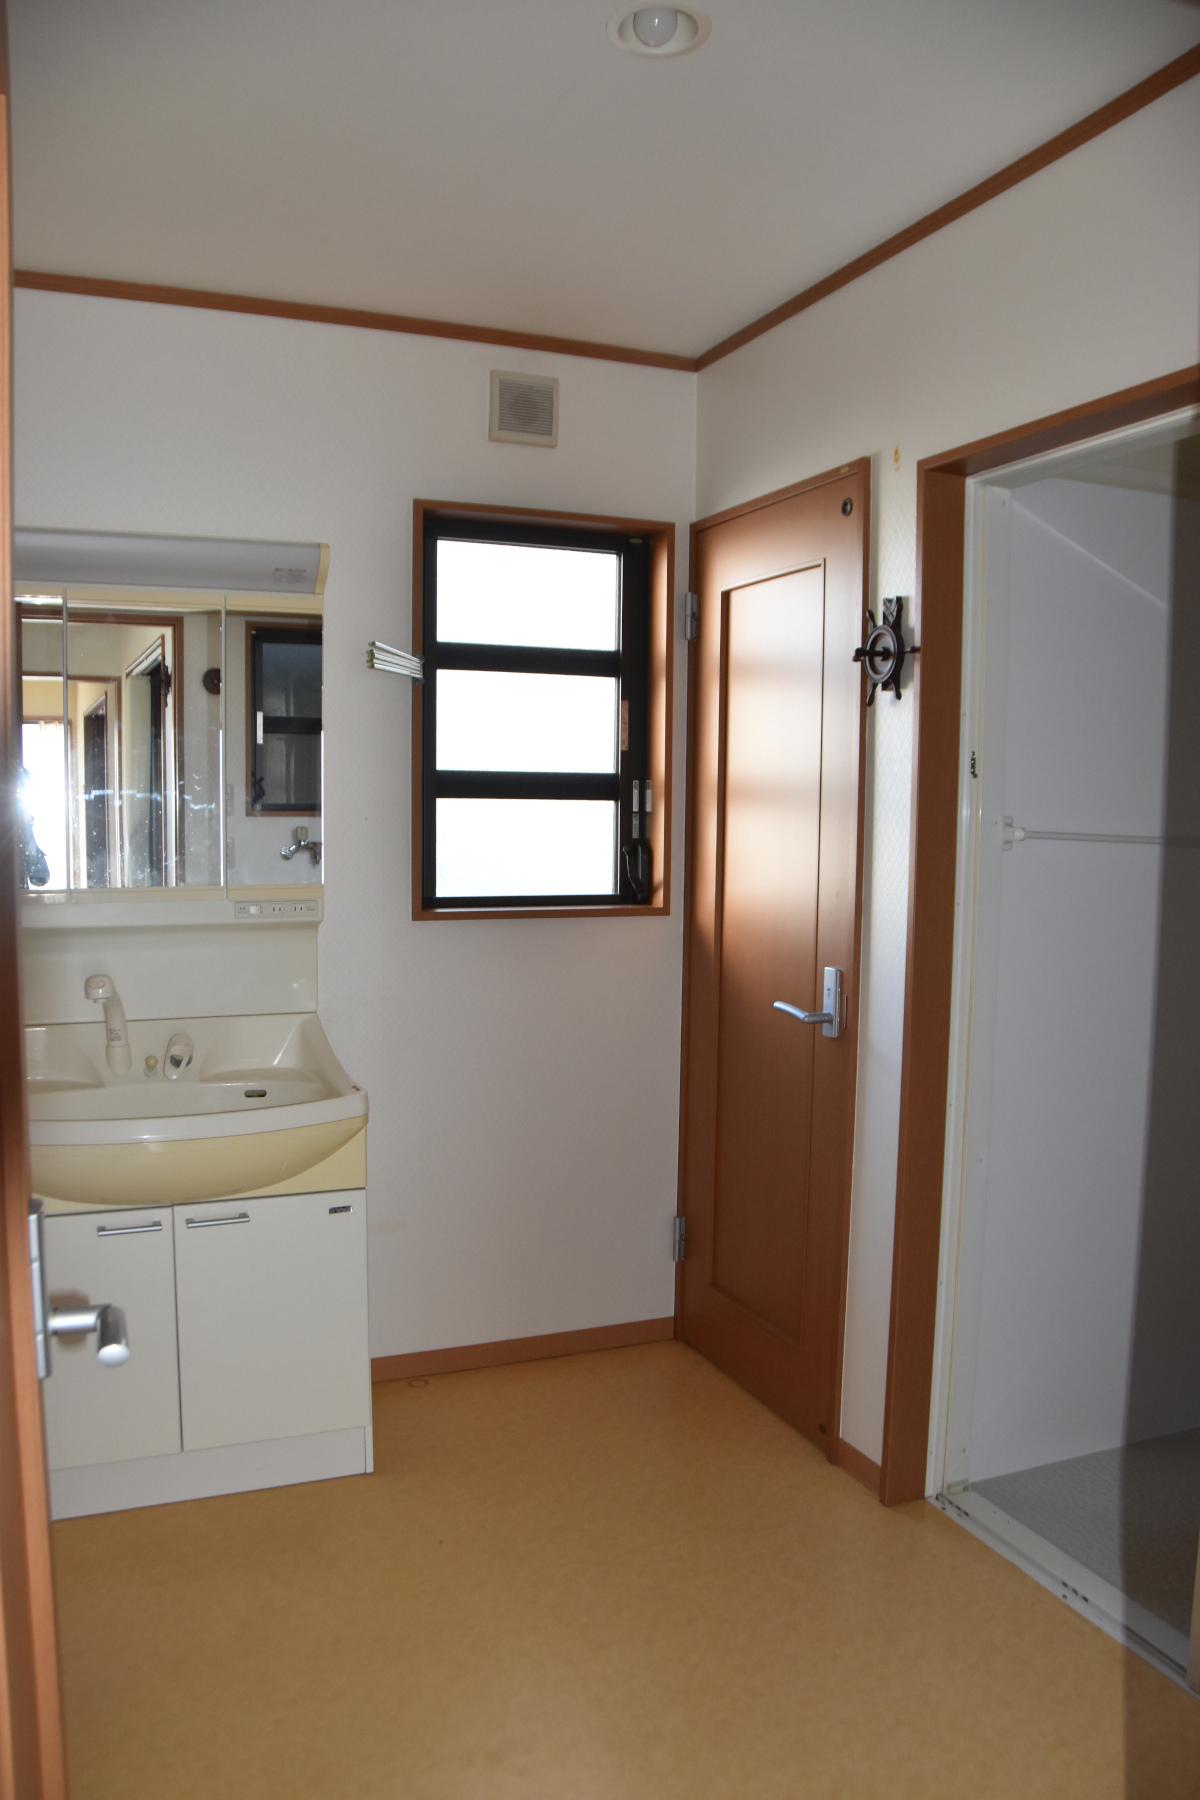 洗面所 洗濯機置き場は、入り口のすぐ右手側にあります。